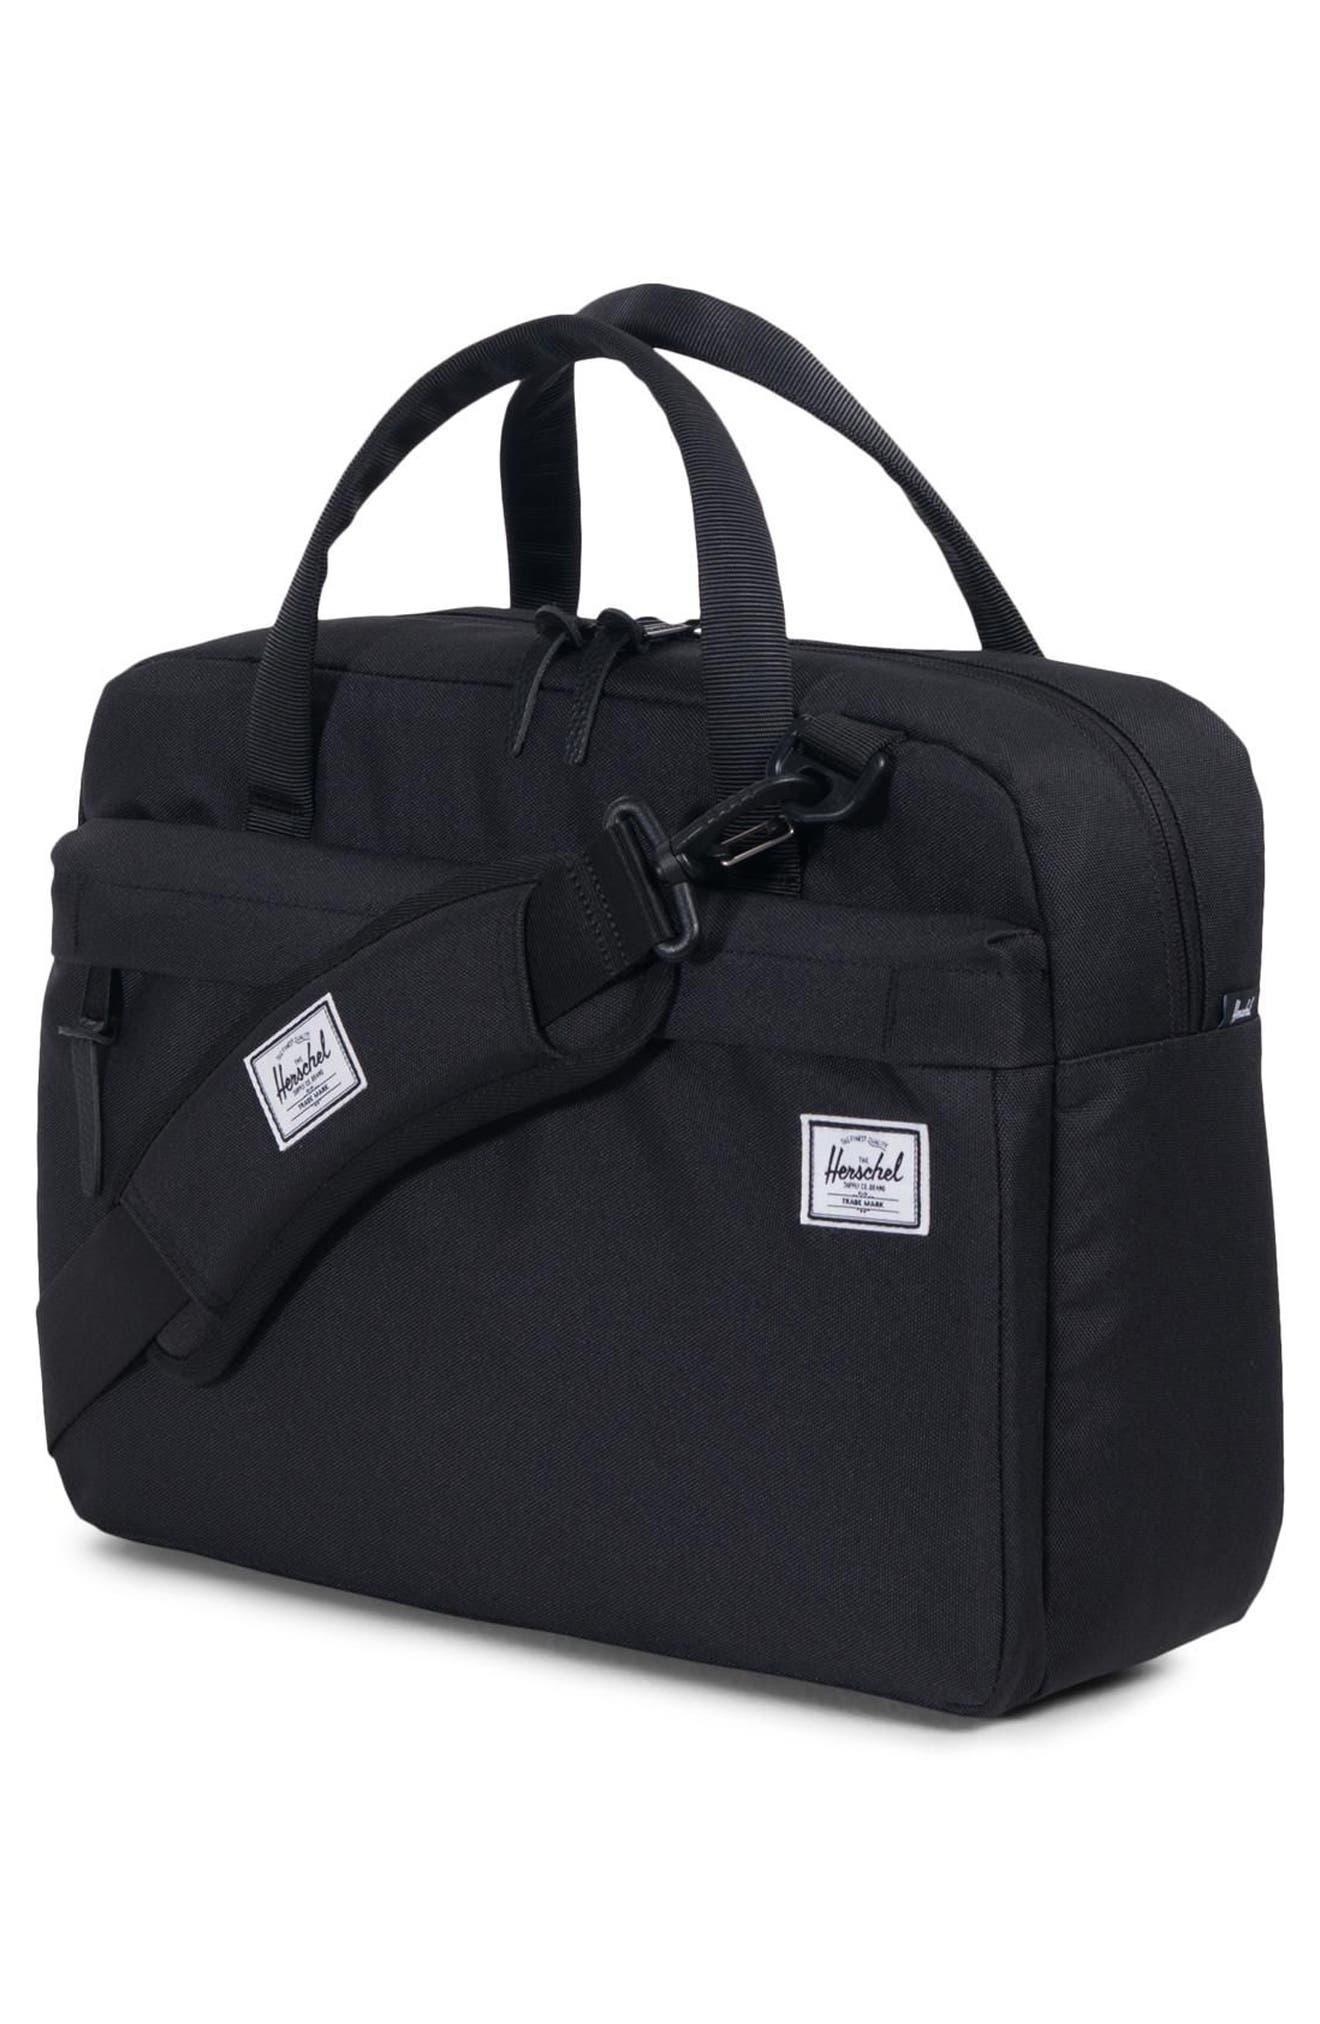 Gibson Messenger Bag,                             Alternate thumbnail 3, color,                             Black